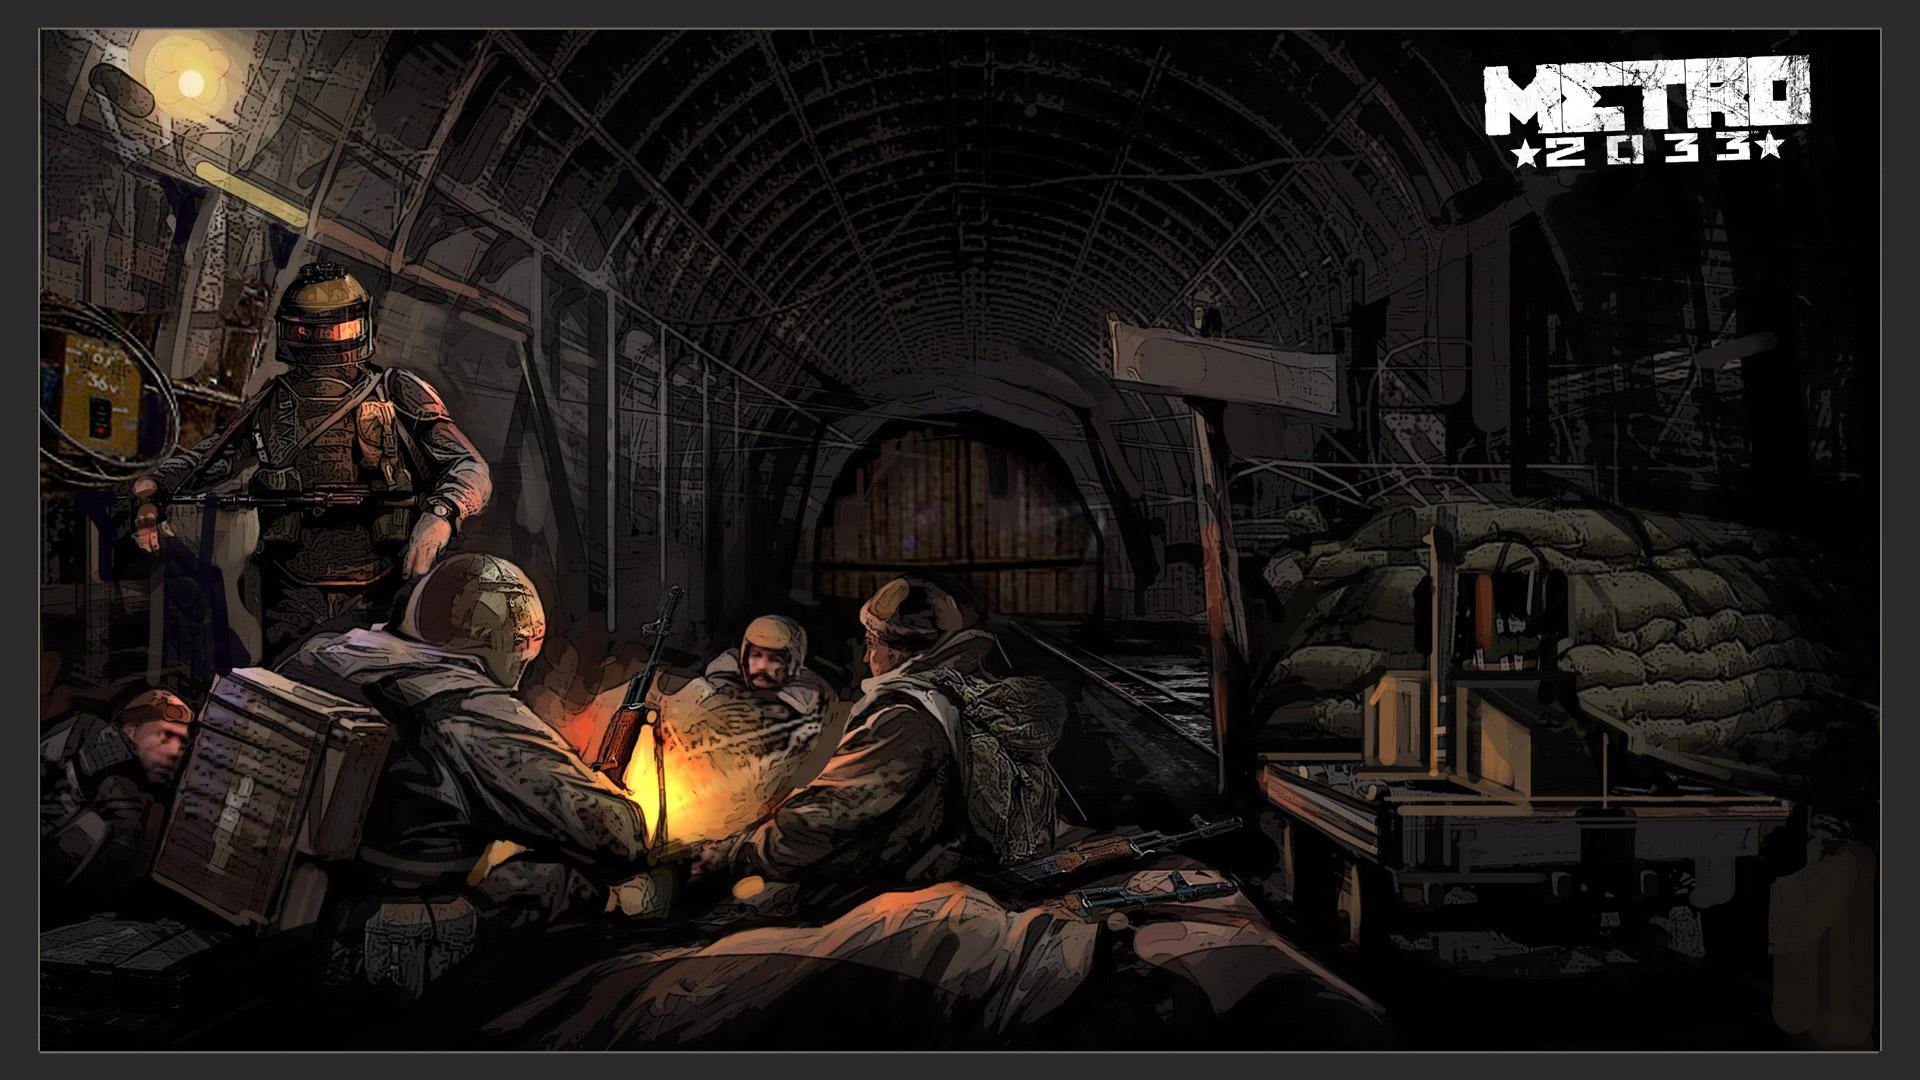 Metro 2033 Wallpaper in 1920x1080